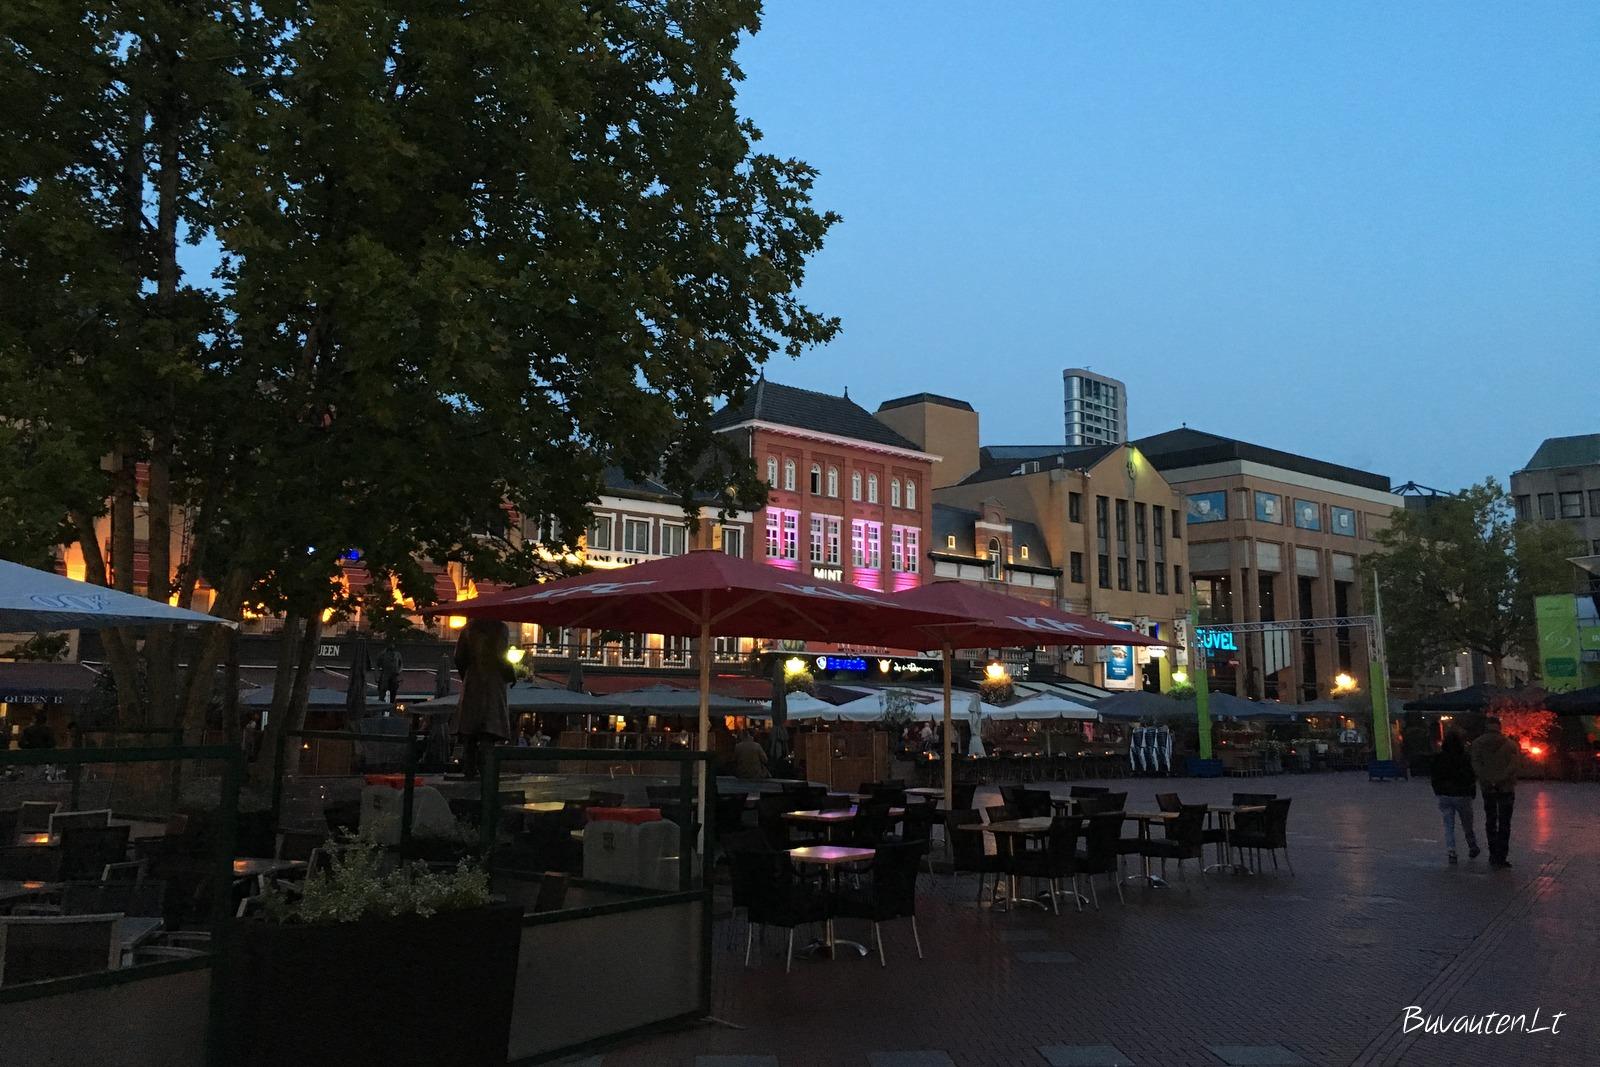 De Markt – aikštė su restoranais ir barais